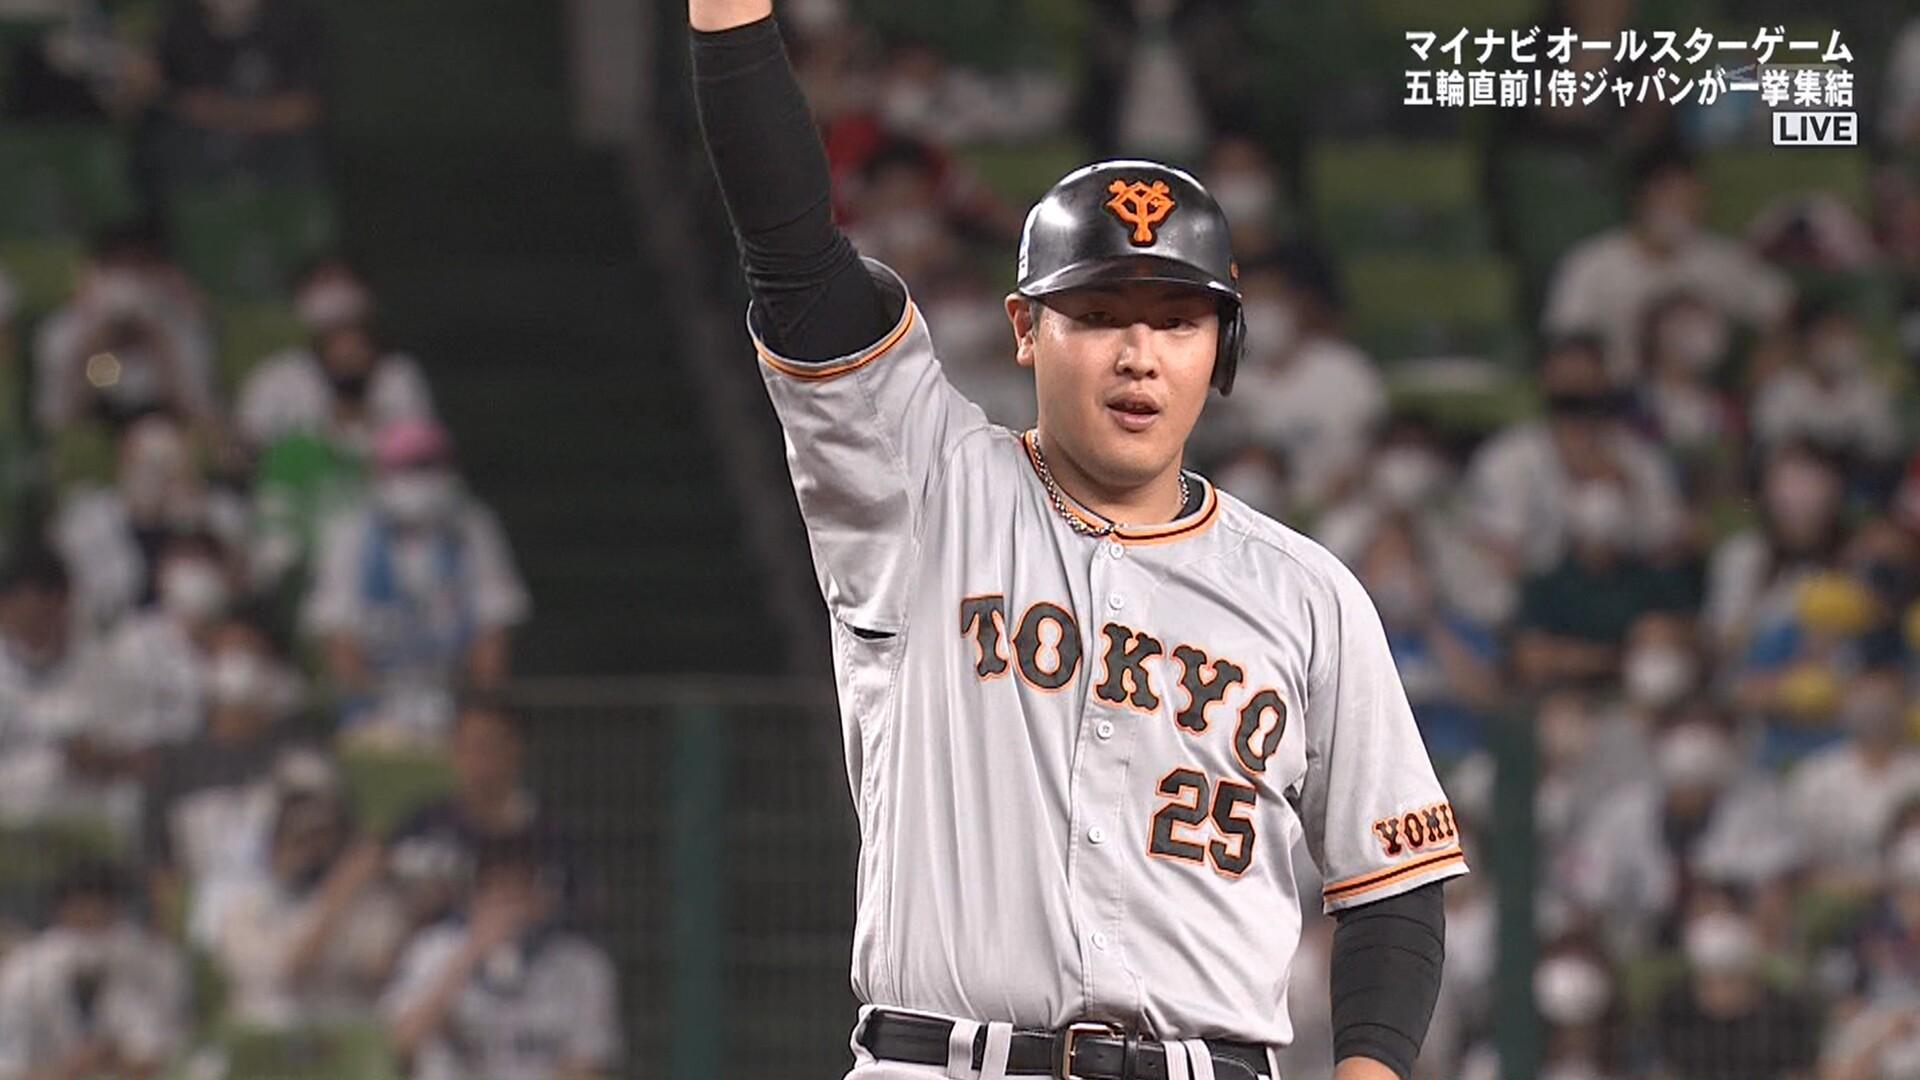 【オールスター】 巨人・岡本、盗塁成功でガッツポーズwwww